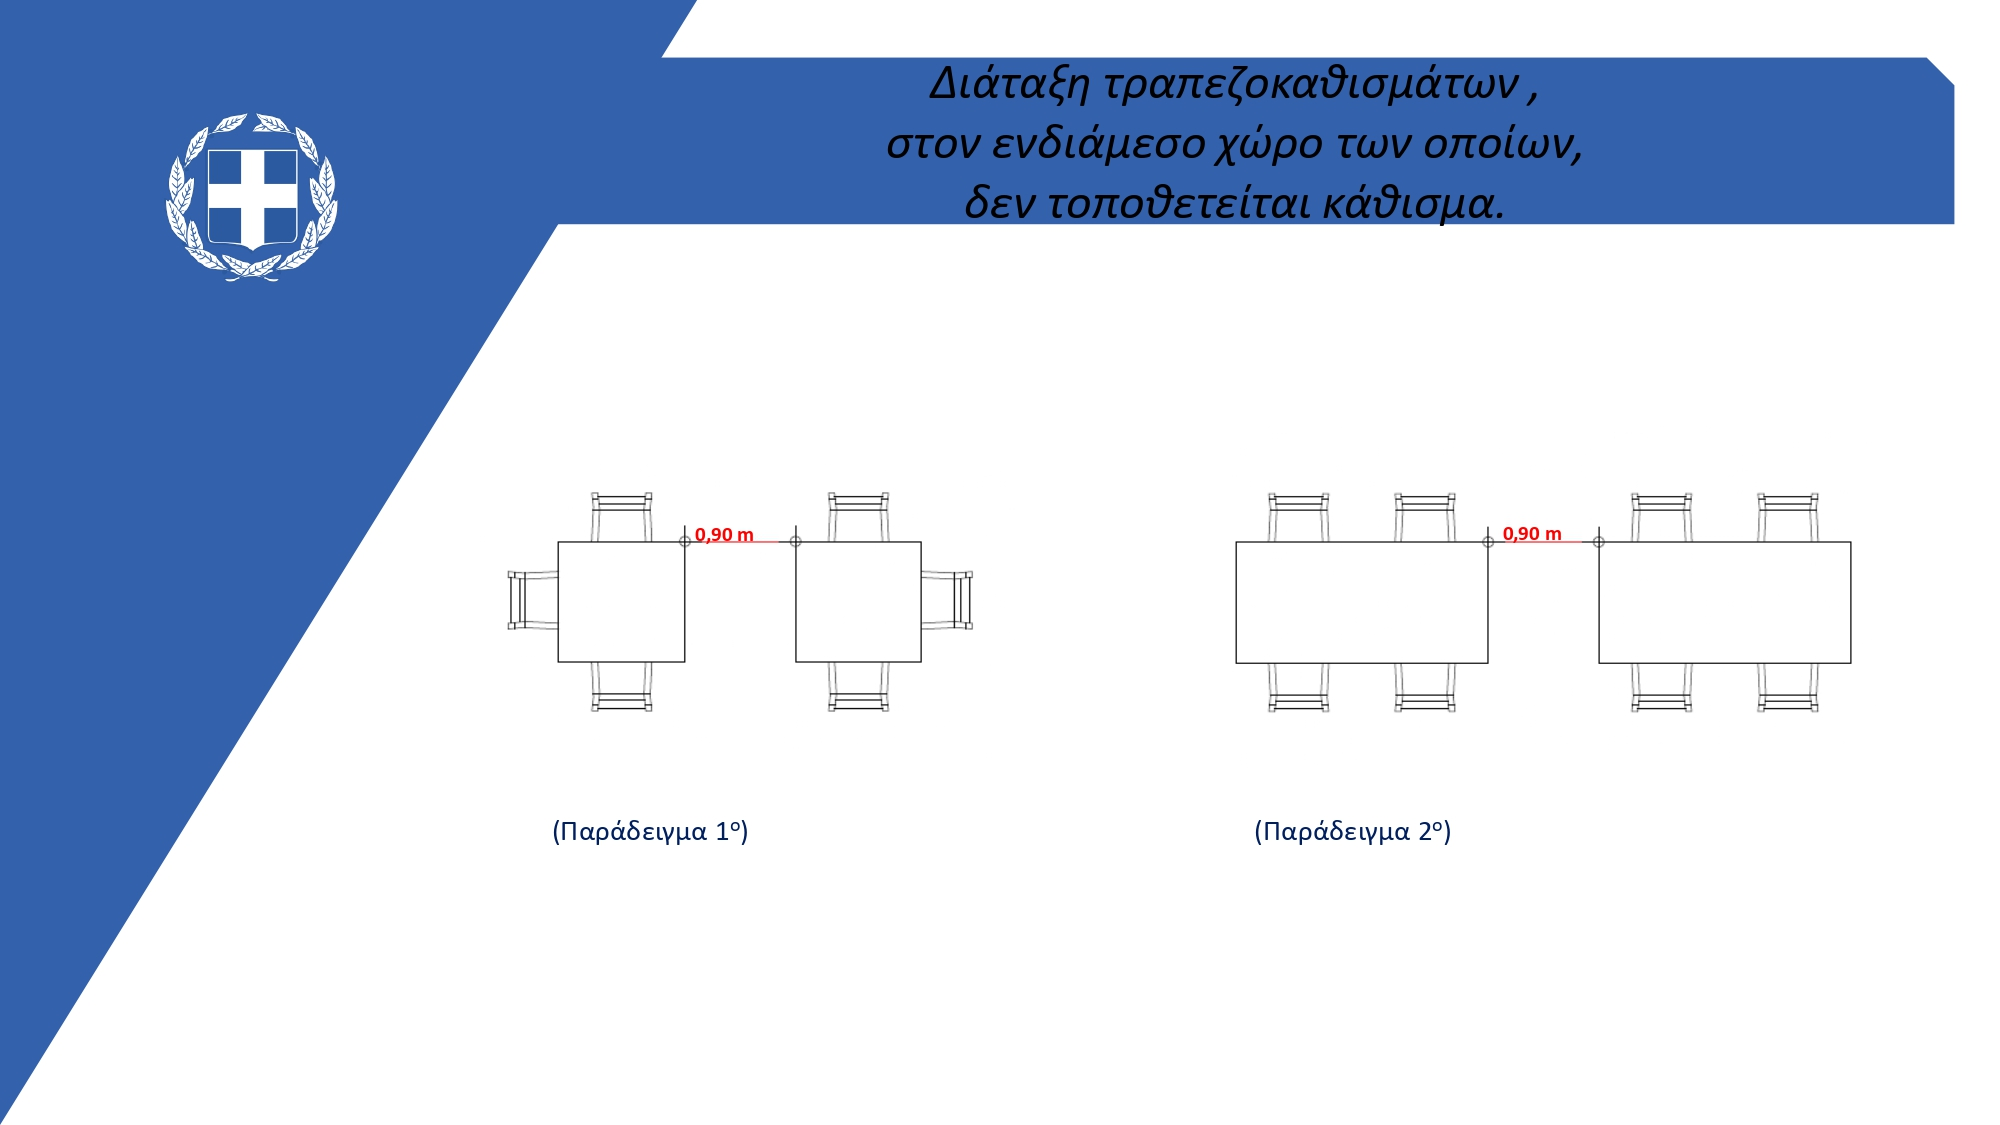 Εστίαση: Όλοι οι κανόνες λειτουργίας – Αποστάσεις και σχεδιαγράμματα, Εστίαση: Όλοι οι κανόνες λειτουργίας – Αποστάσεις και σχεδιαγράμματα, Eviathema.gr | ΕΥΒΟΙΑ ΝΕΑ - Νέα και ειδήσεις από όλη την Εύβοια